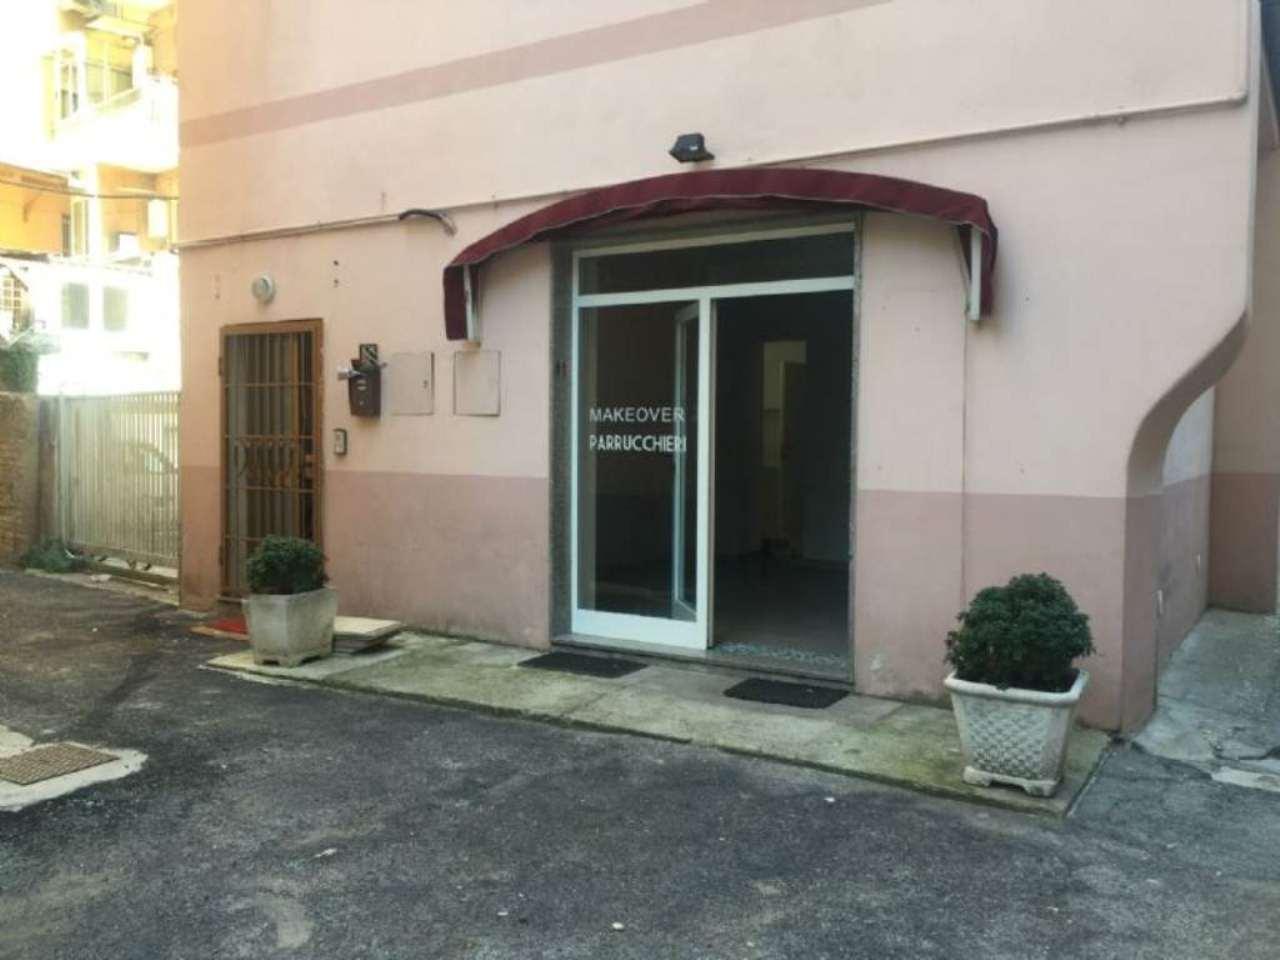 Negozio / Locale in affitto a Pescara, 2 locali, prezzo € 900 | Cambio Casa.it